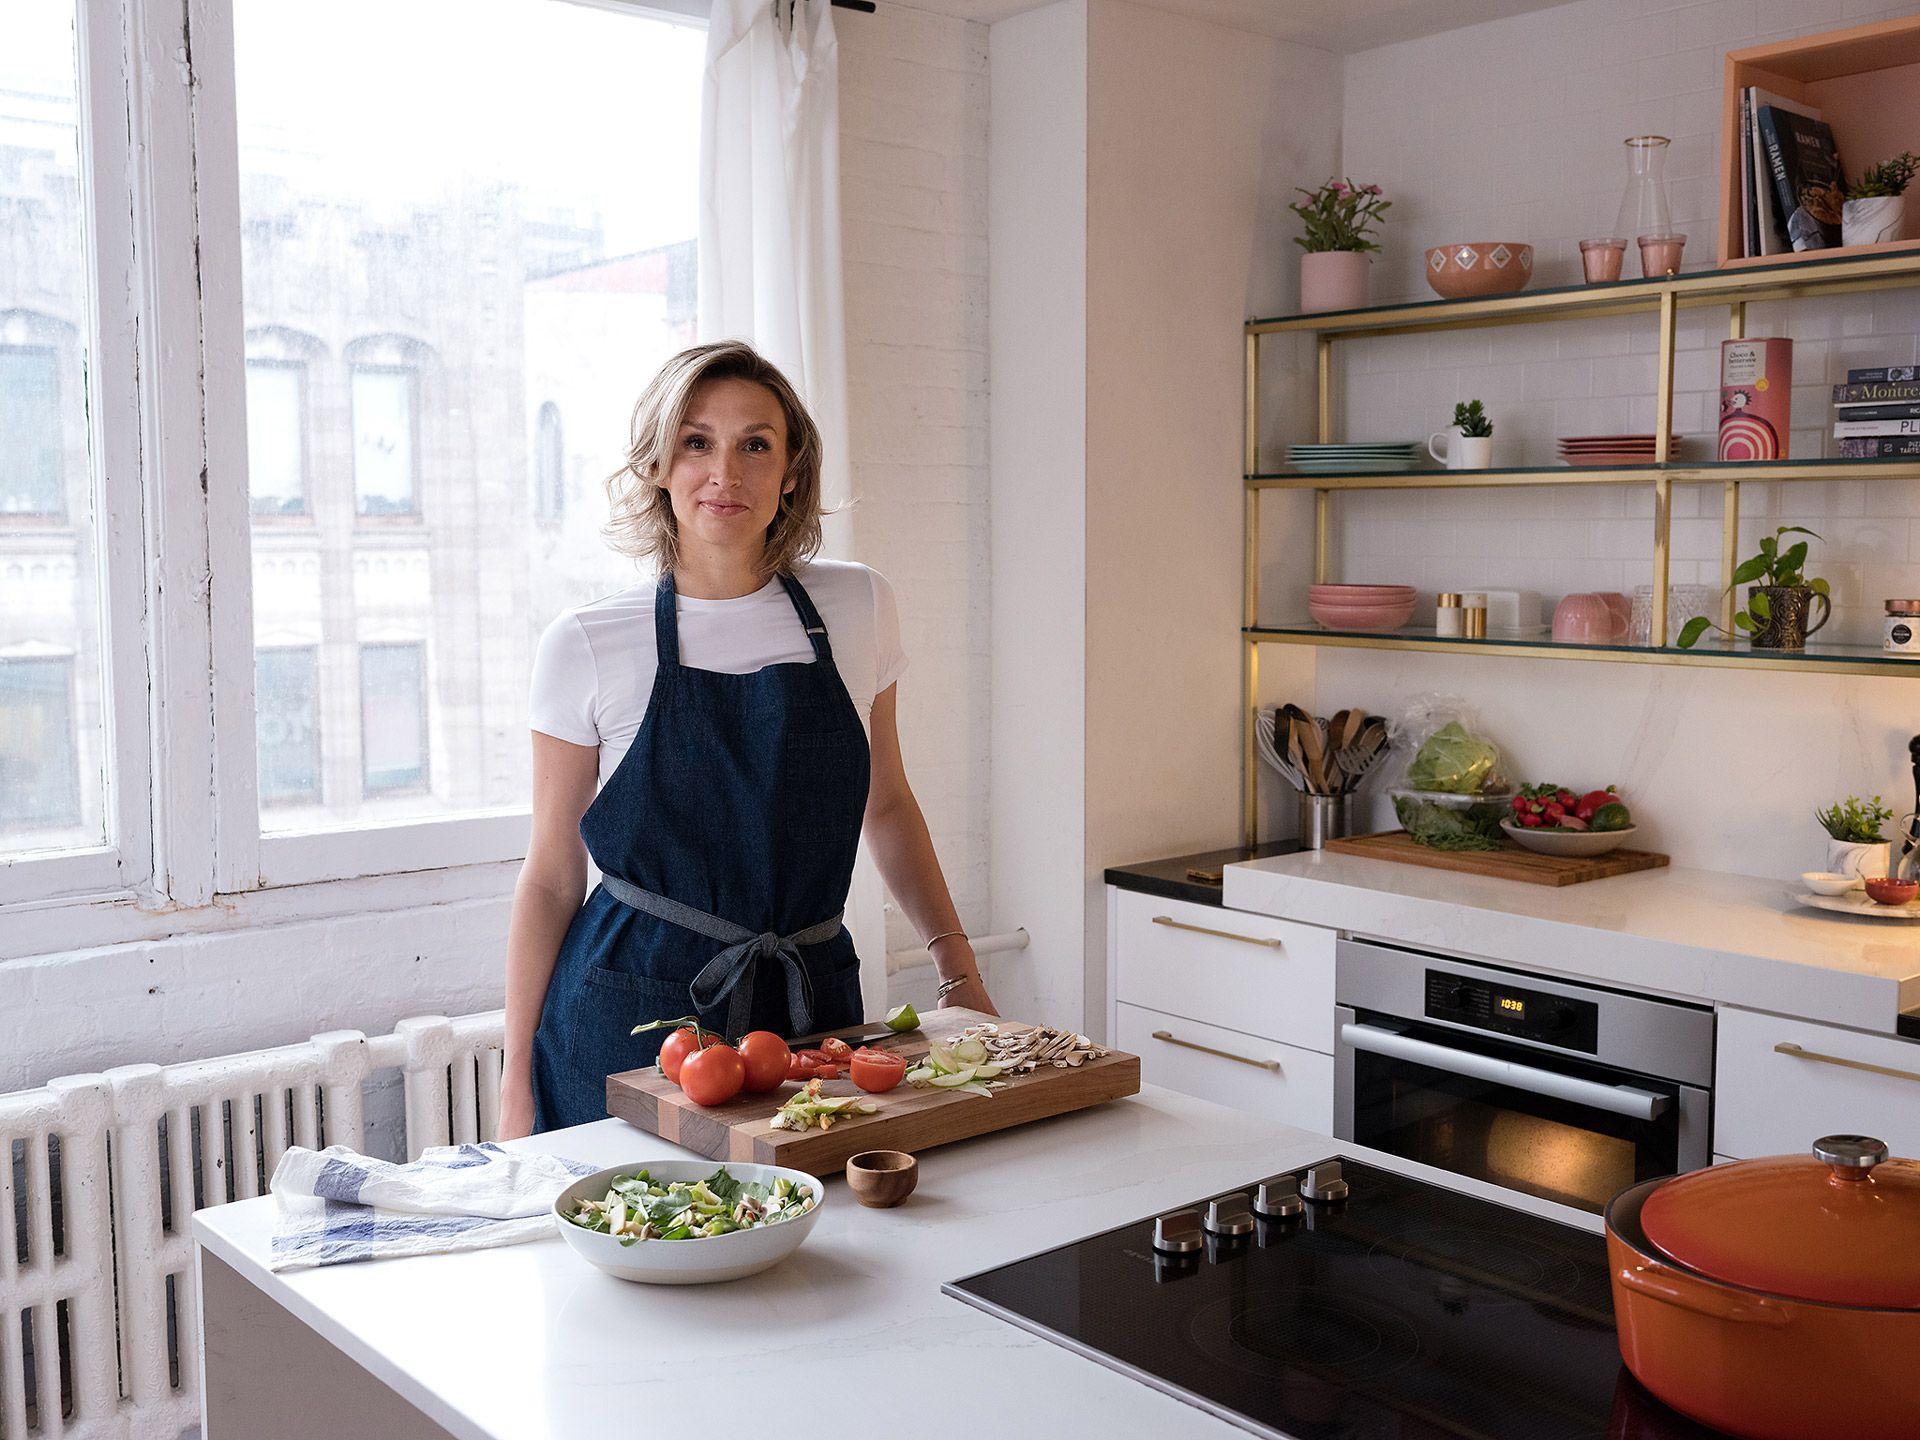 Femme entrepreneur, fondatrice de Cook It, debout dans sa cuisine lumineuse.